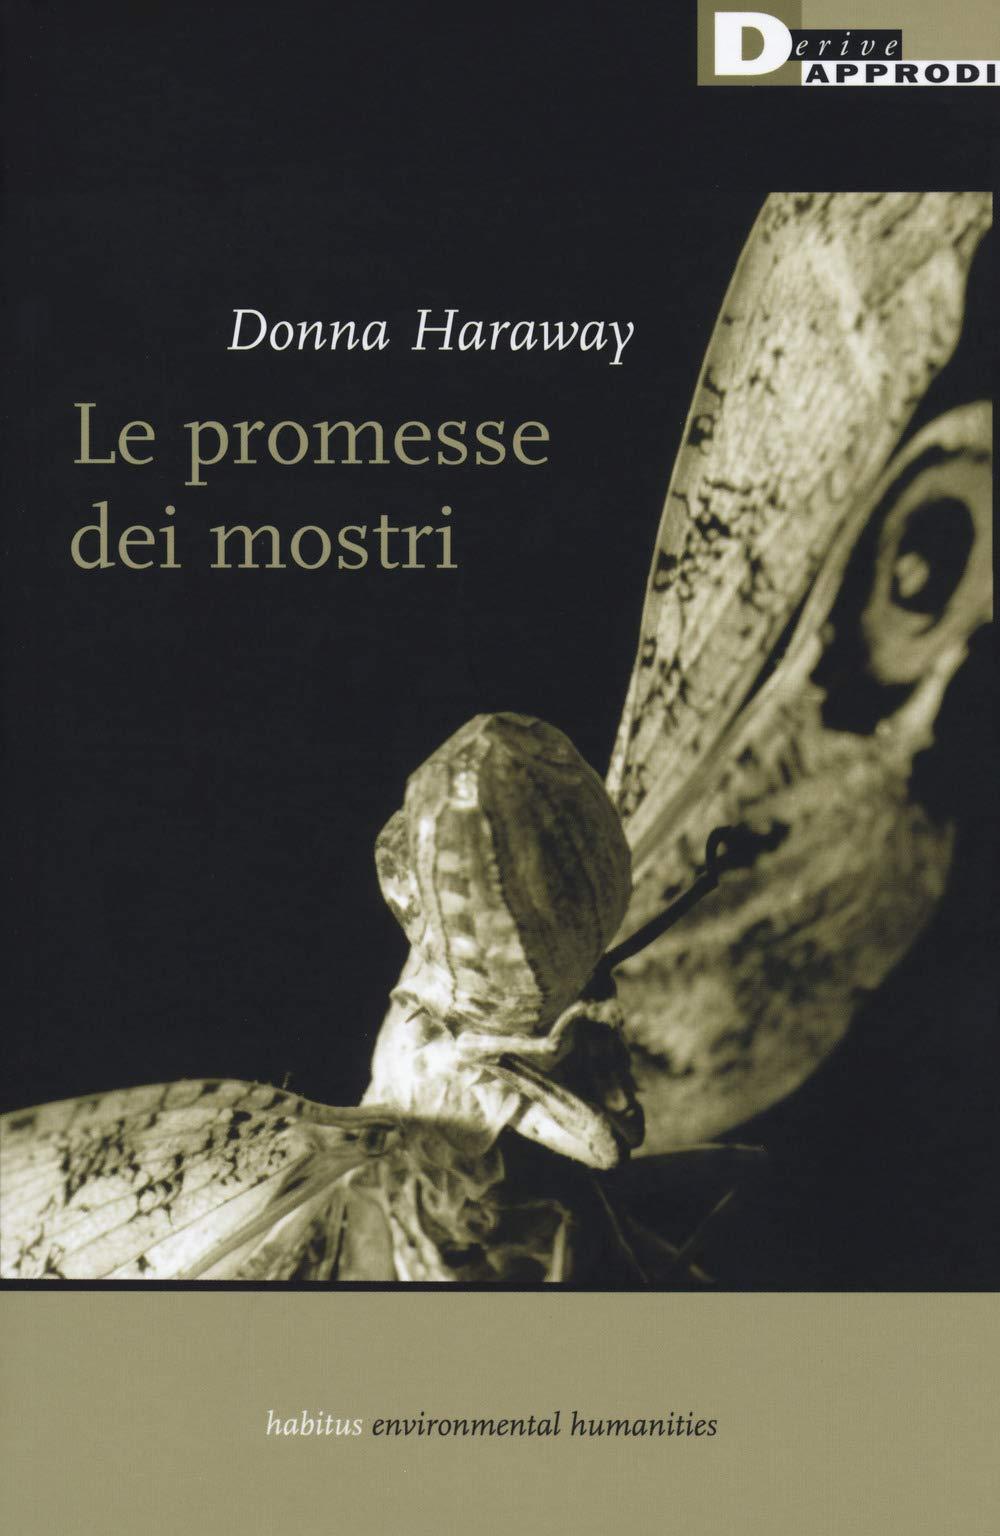 Copertina Donna Haraway, Le promesse dei mostri, DeriveApprodi